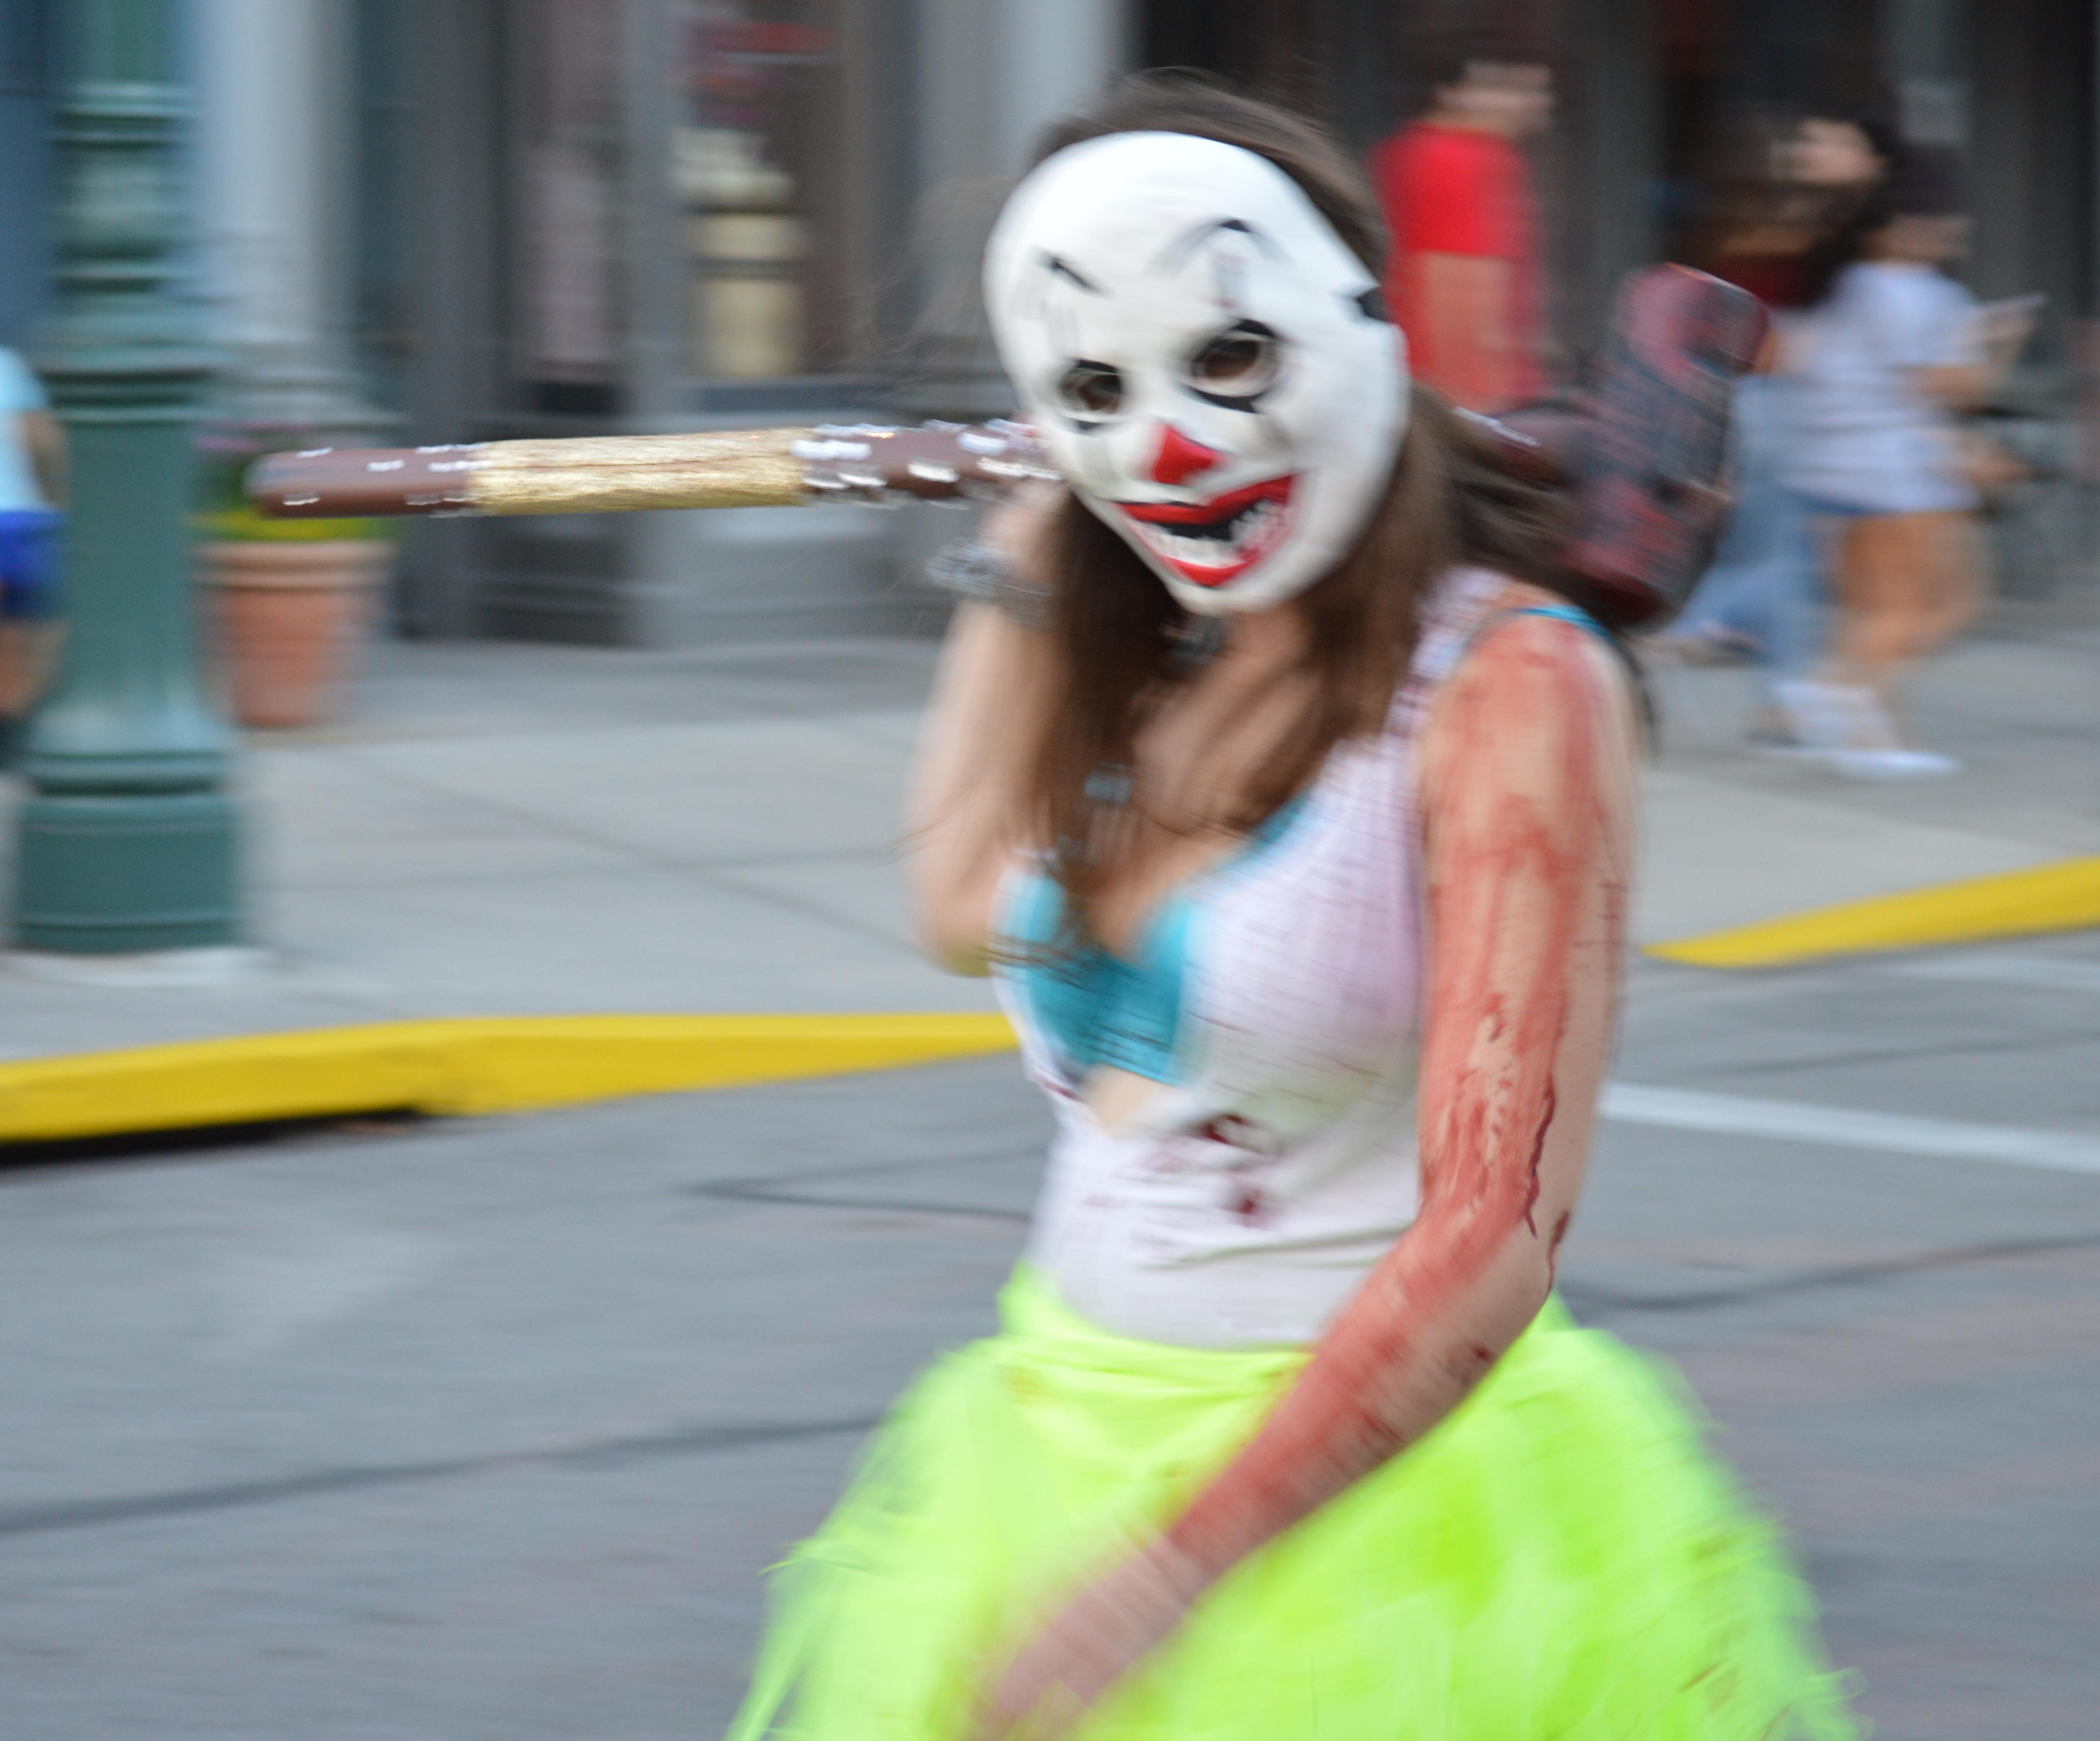 Clownface Girl Purger